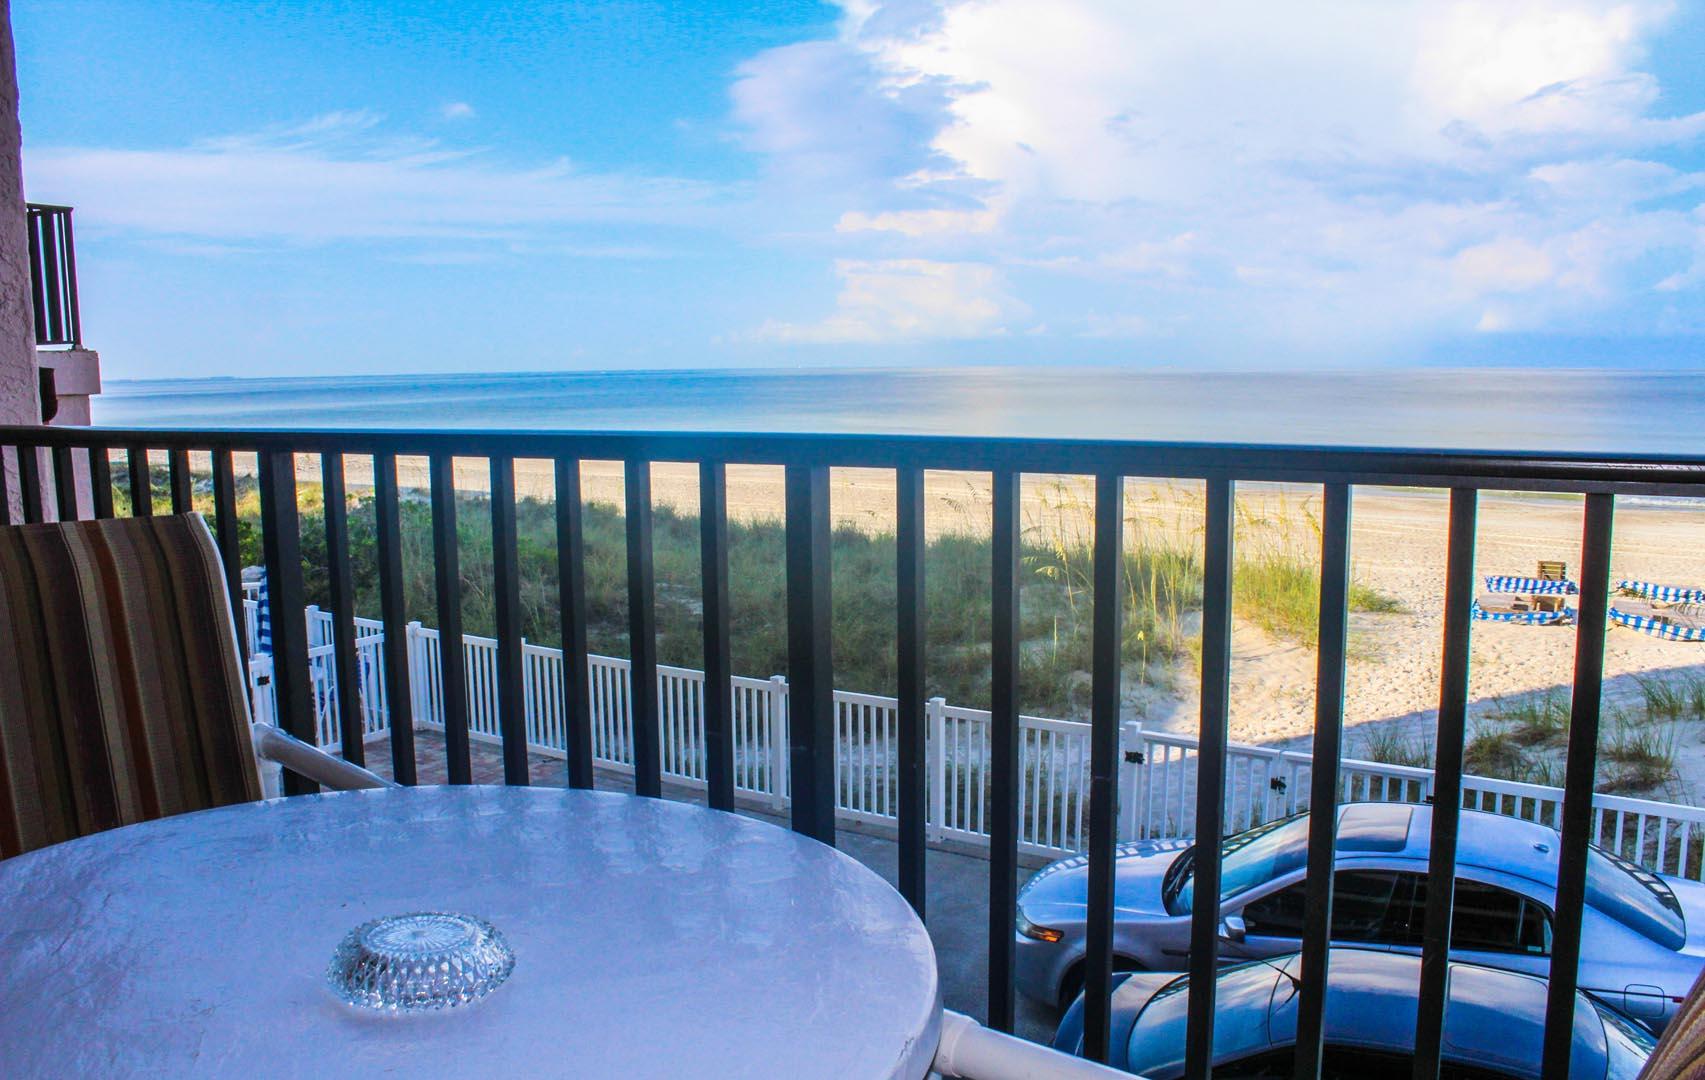 Island Gulf Balcony View